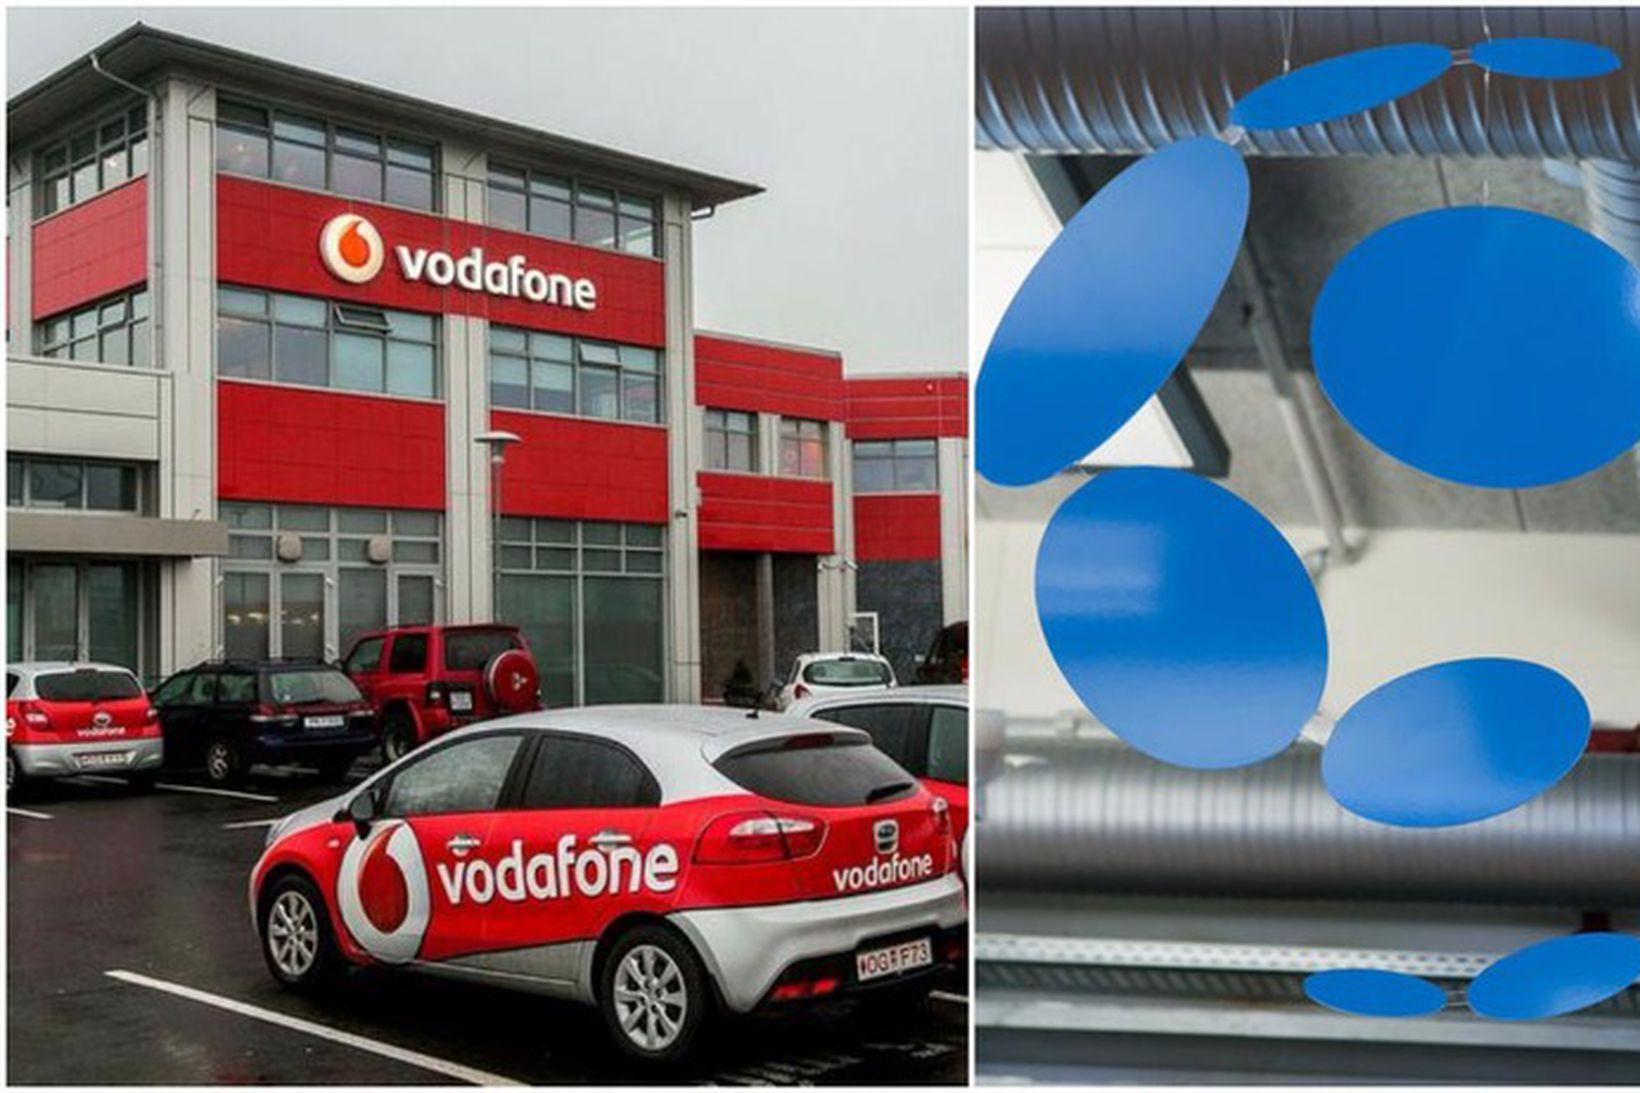 Sýn, dótturfélag Vodafone, hefur farið fram á rúmlega 1,9 milljarða …